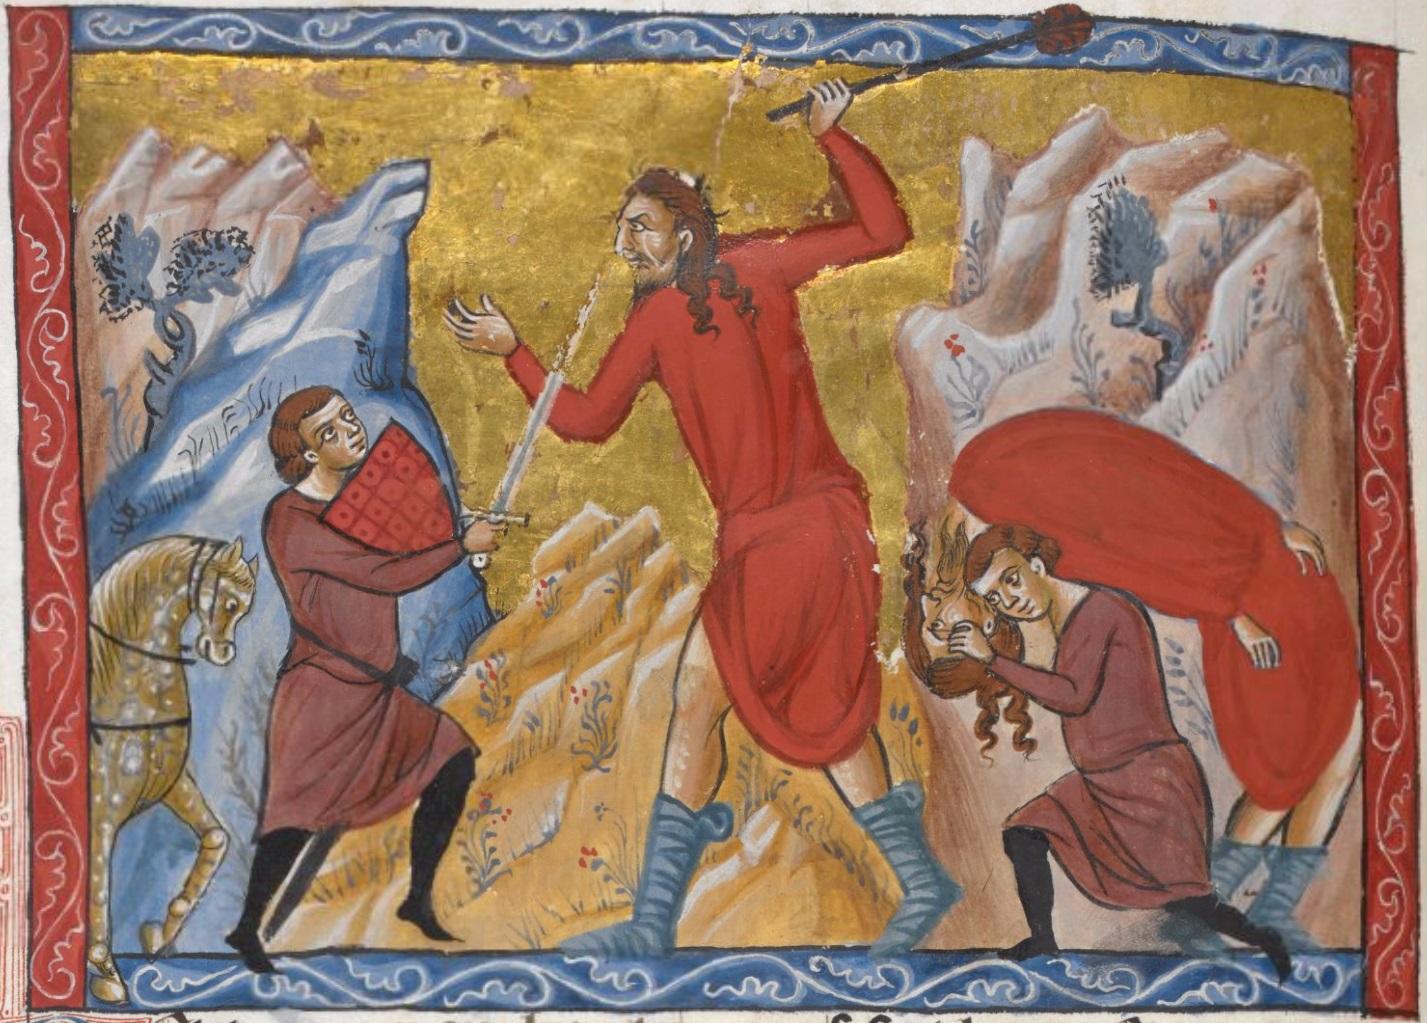 addms-15268_histoire_ancienne-cesar-f104v.jpg